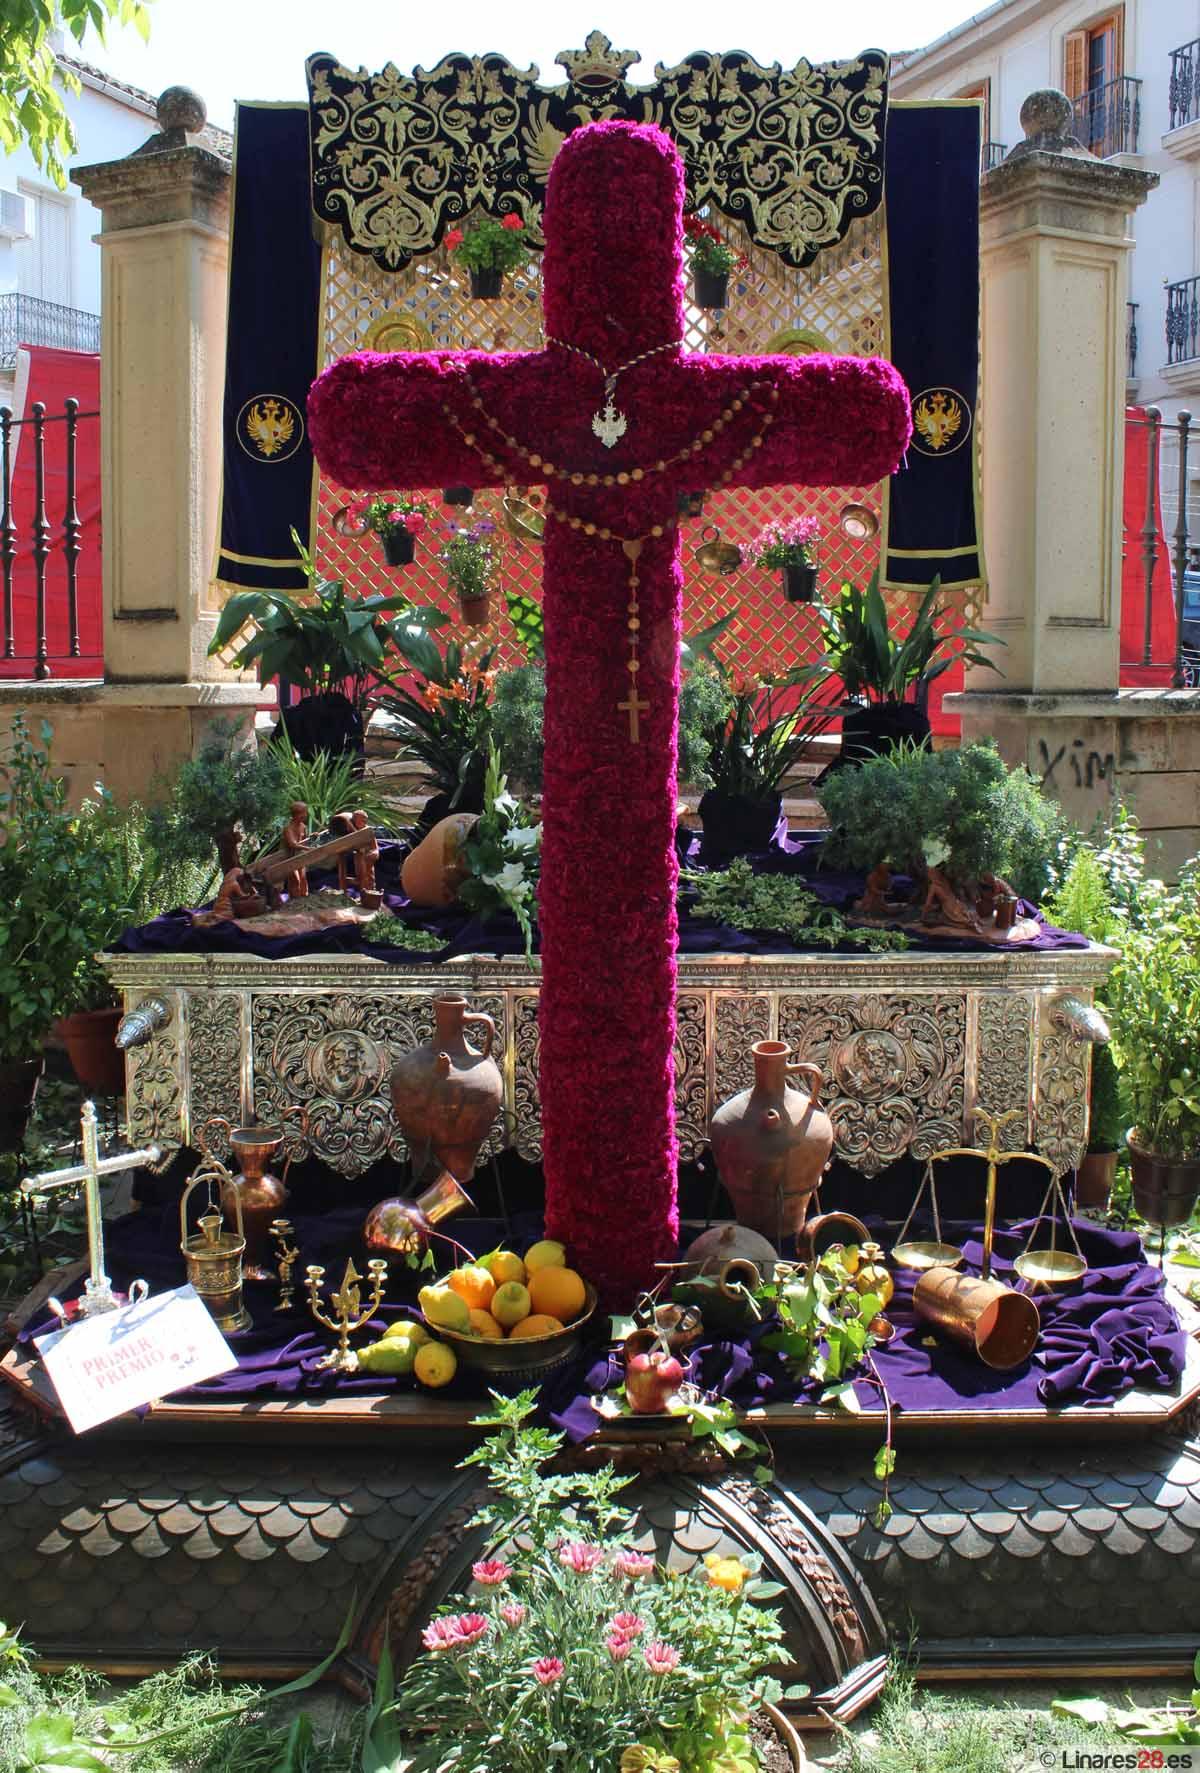 La cruz de El Nazareno gana el primer premio del concurso